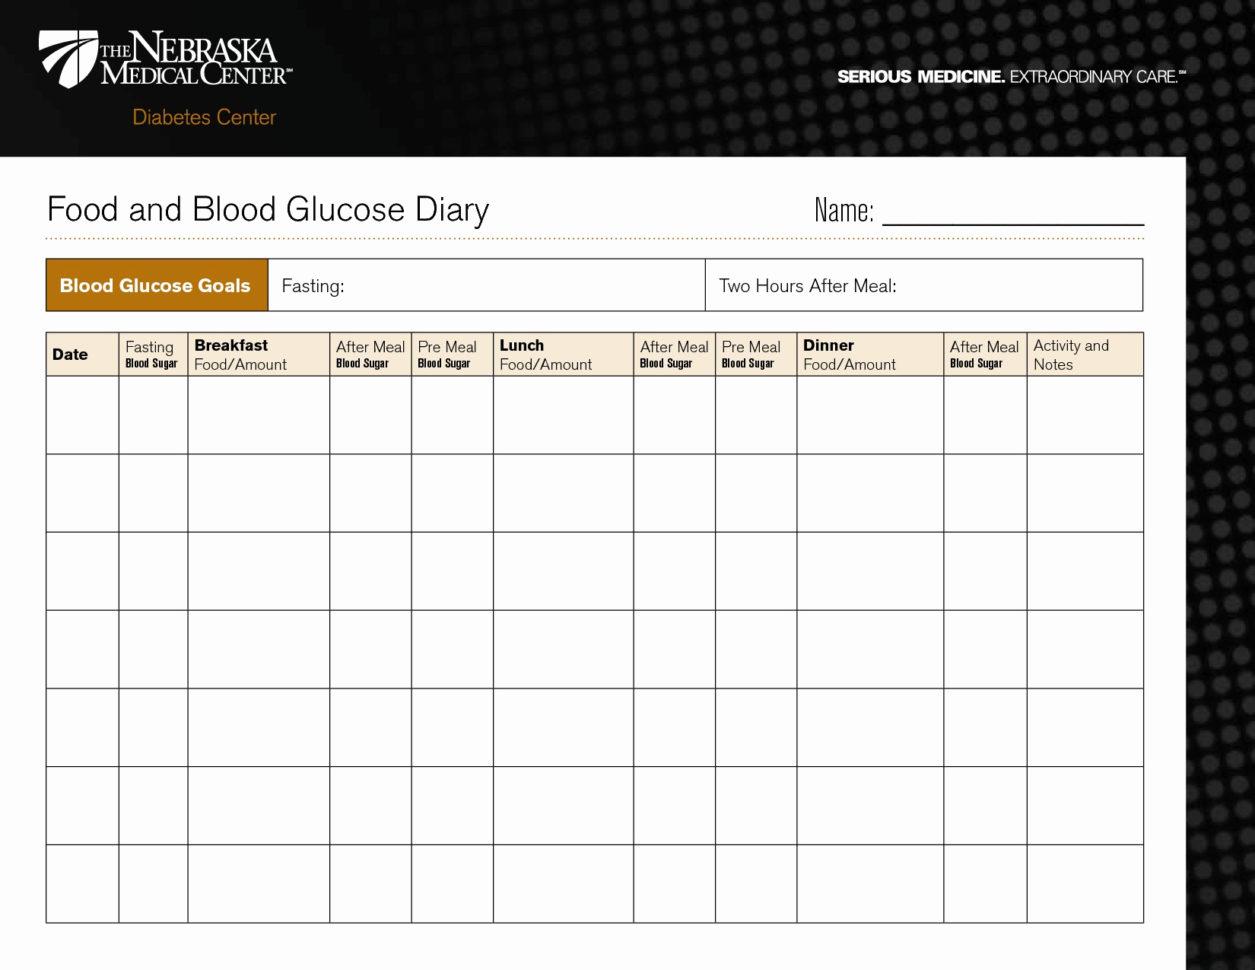 Diet Plan Spreadsheet Intended For Fast Metabolism Diet Meal Plan Spreadsheet Awesome 19 New The